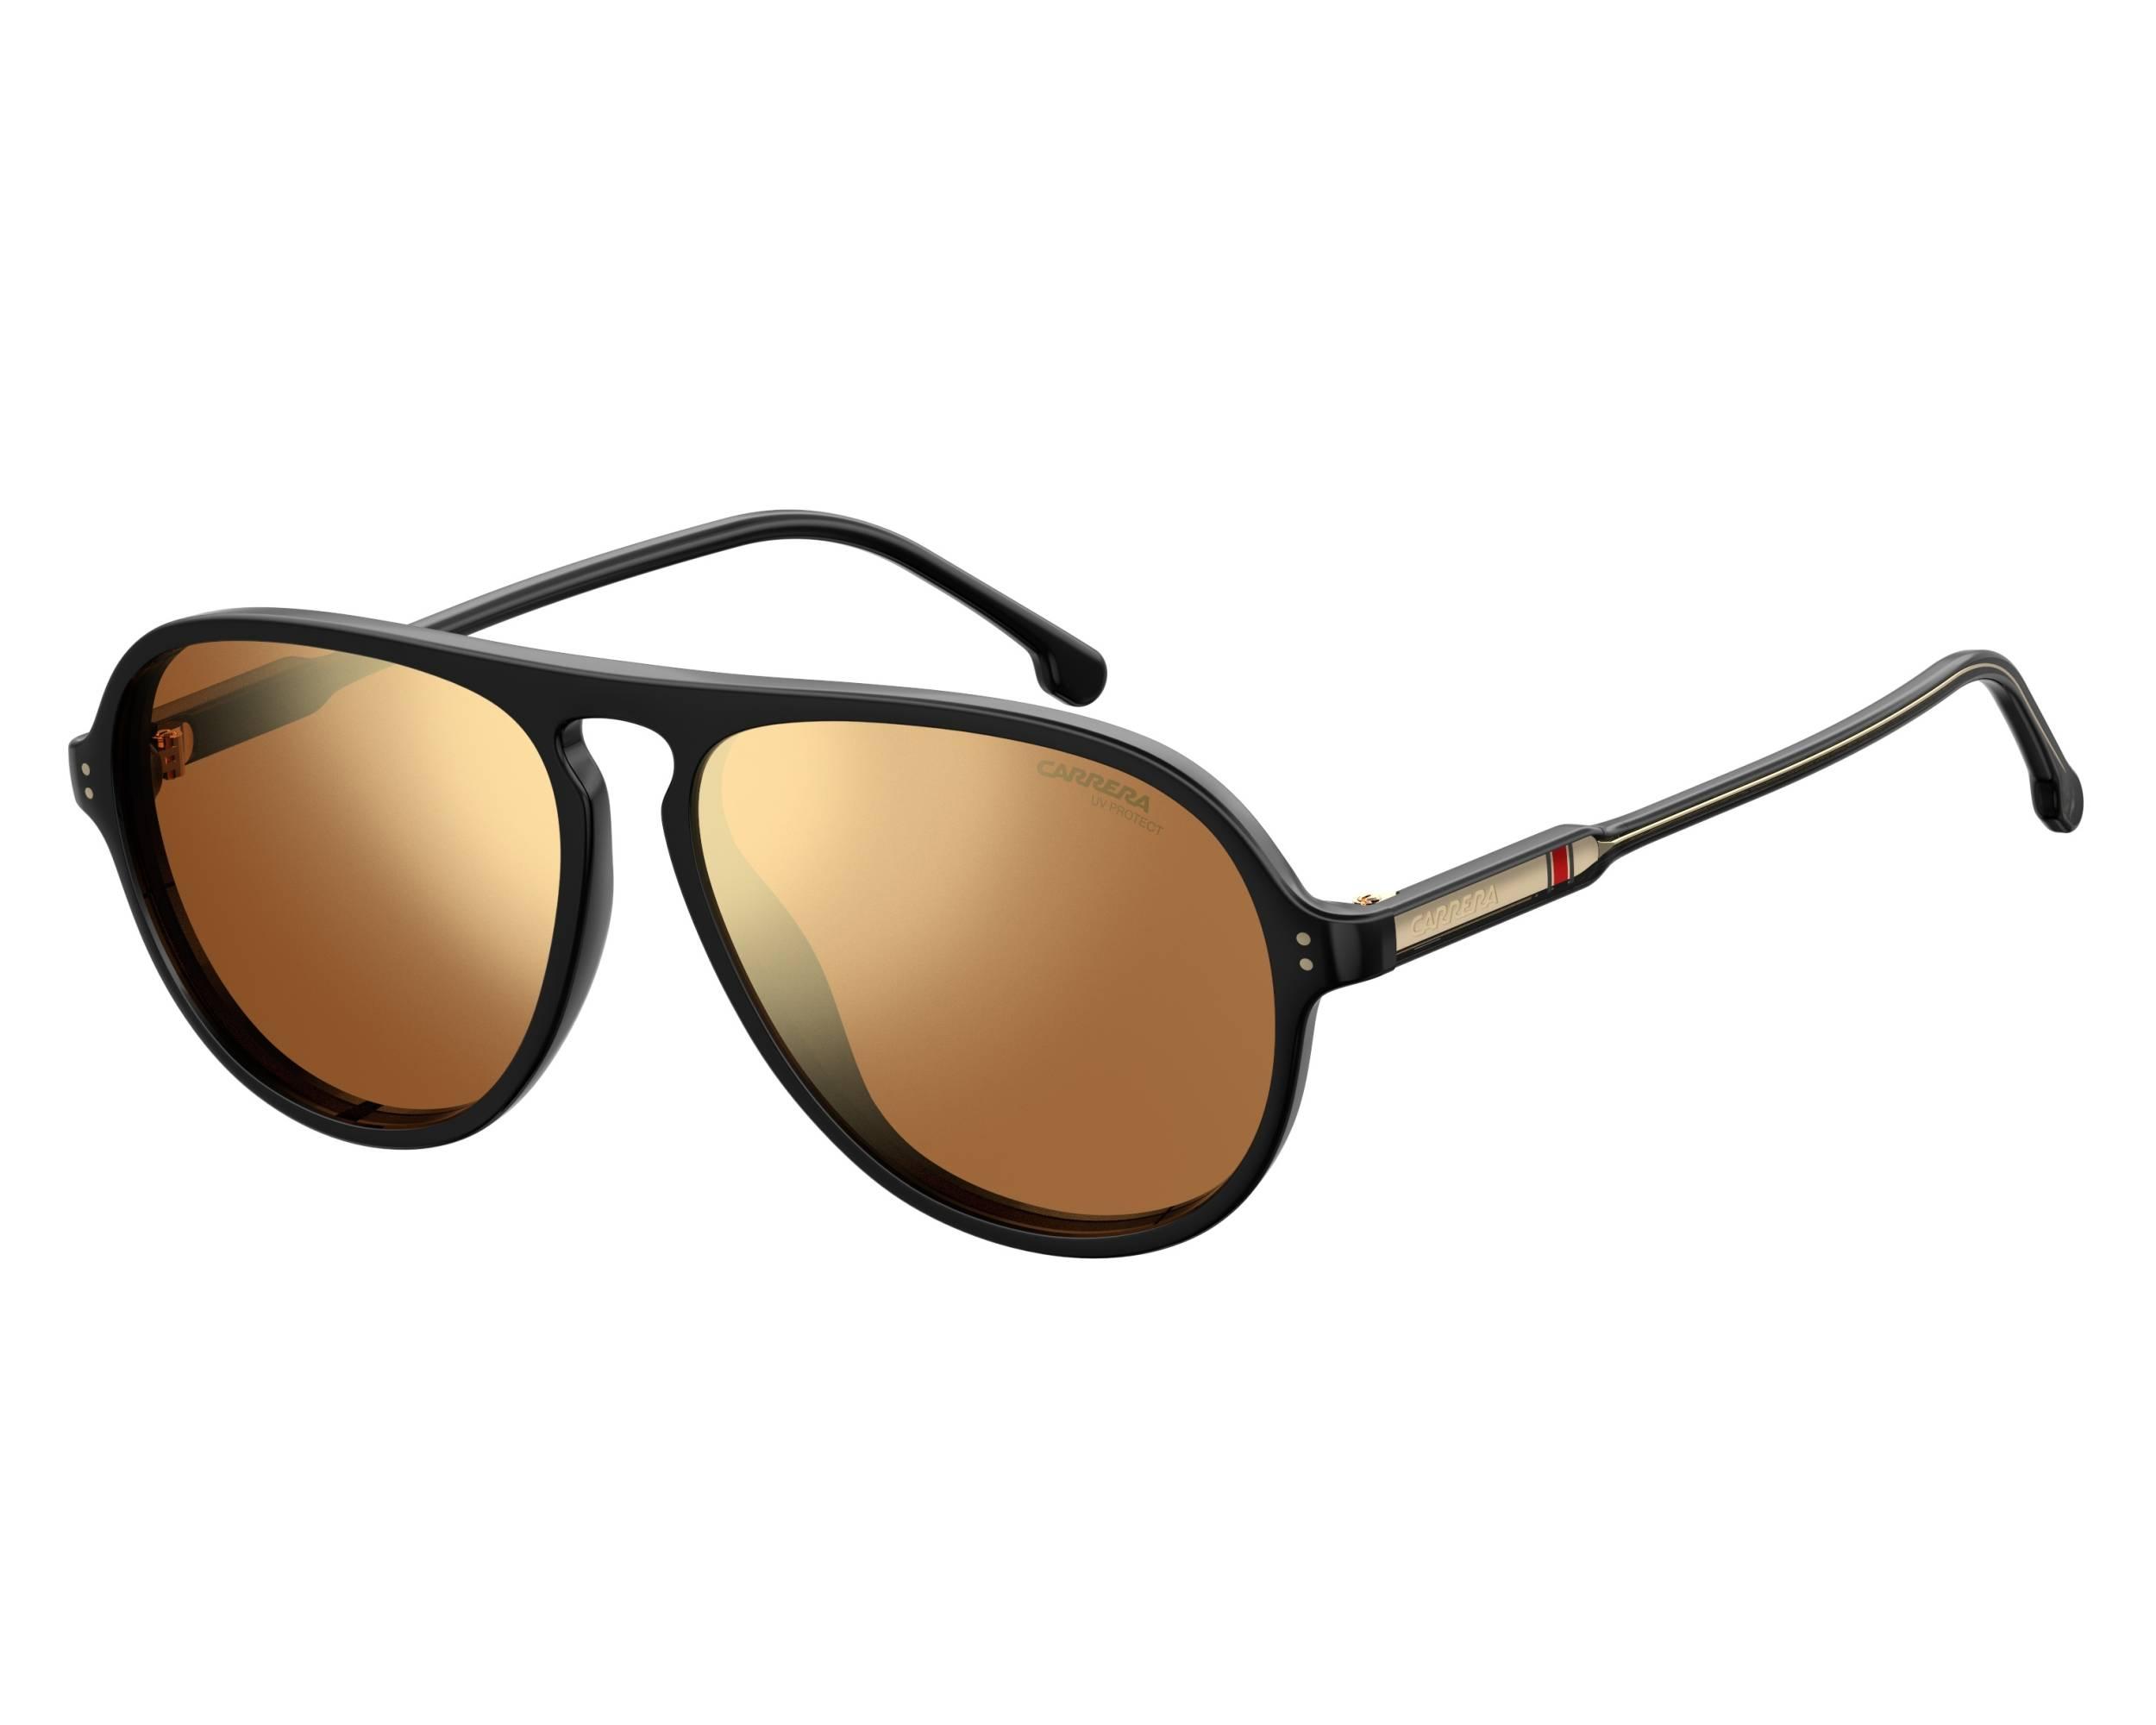 f0c895228fa3 Sunglasses Carrera 198-S 807K1 57-14 Black Gold profile view